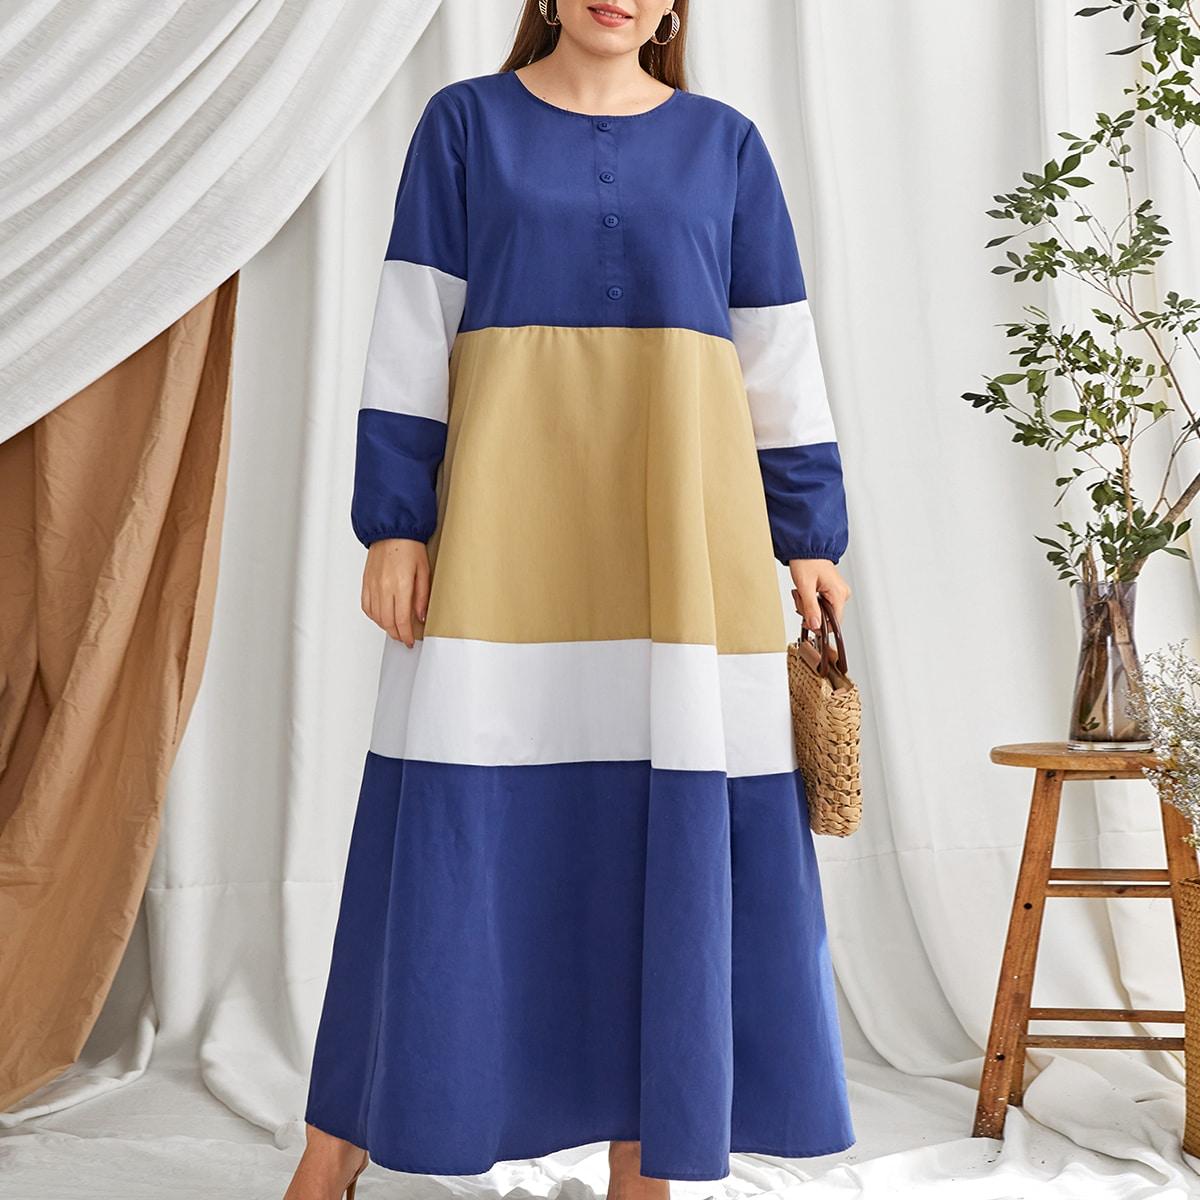 Контрастное платье размера плюс с пуговицами